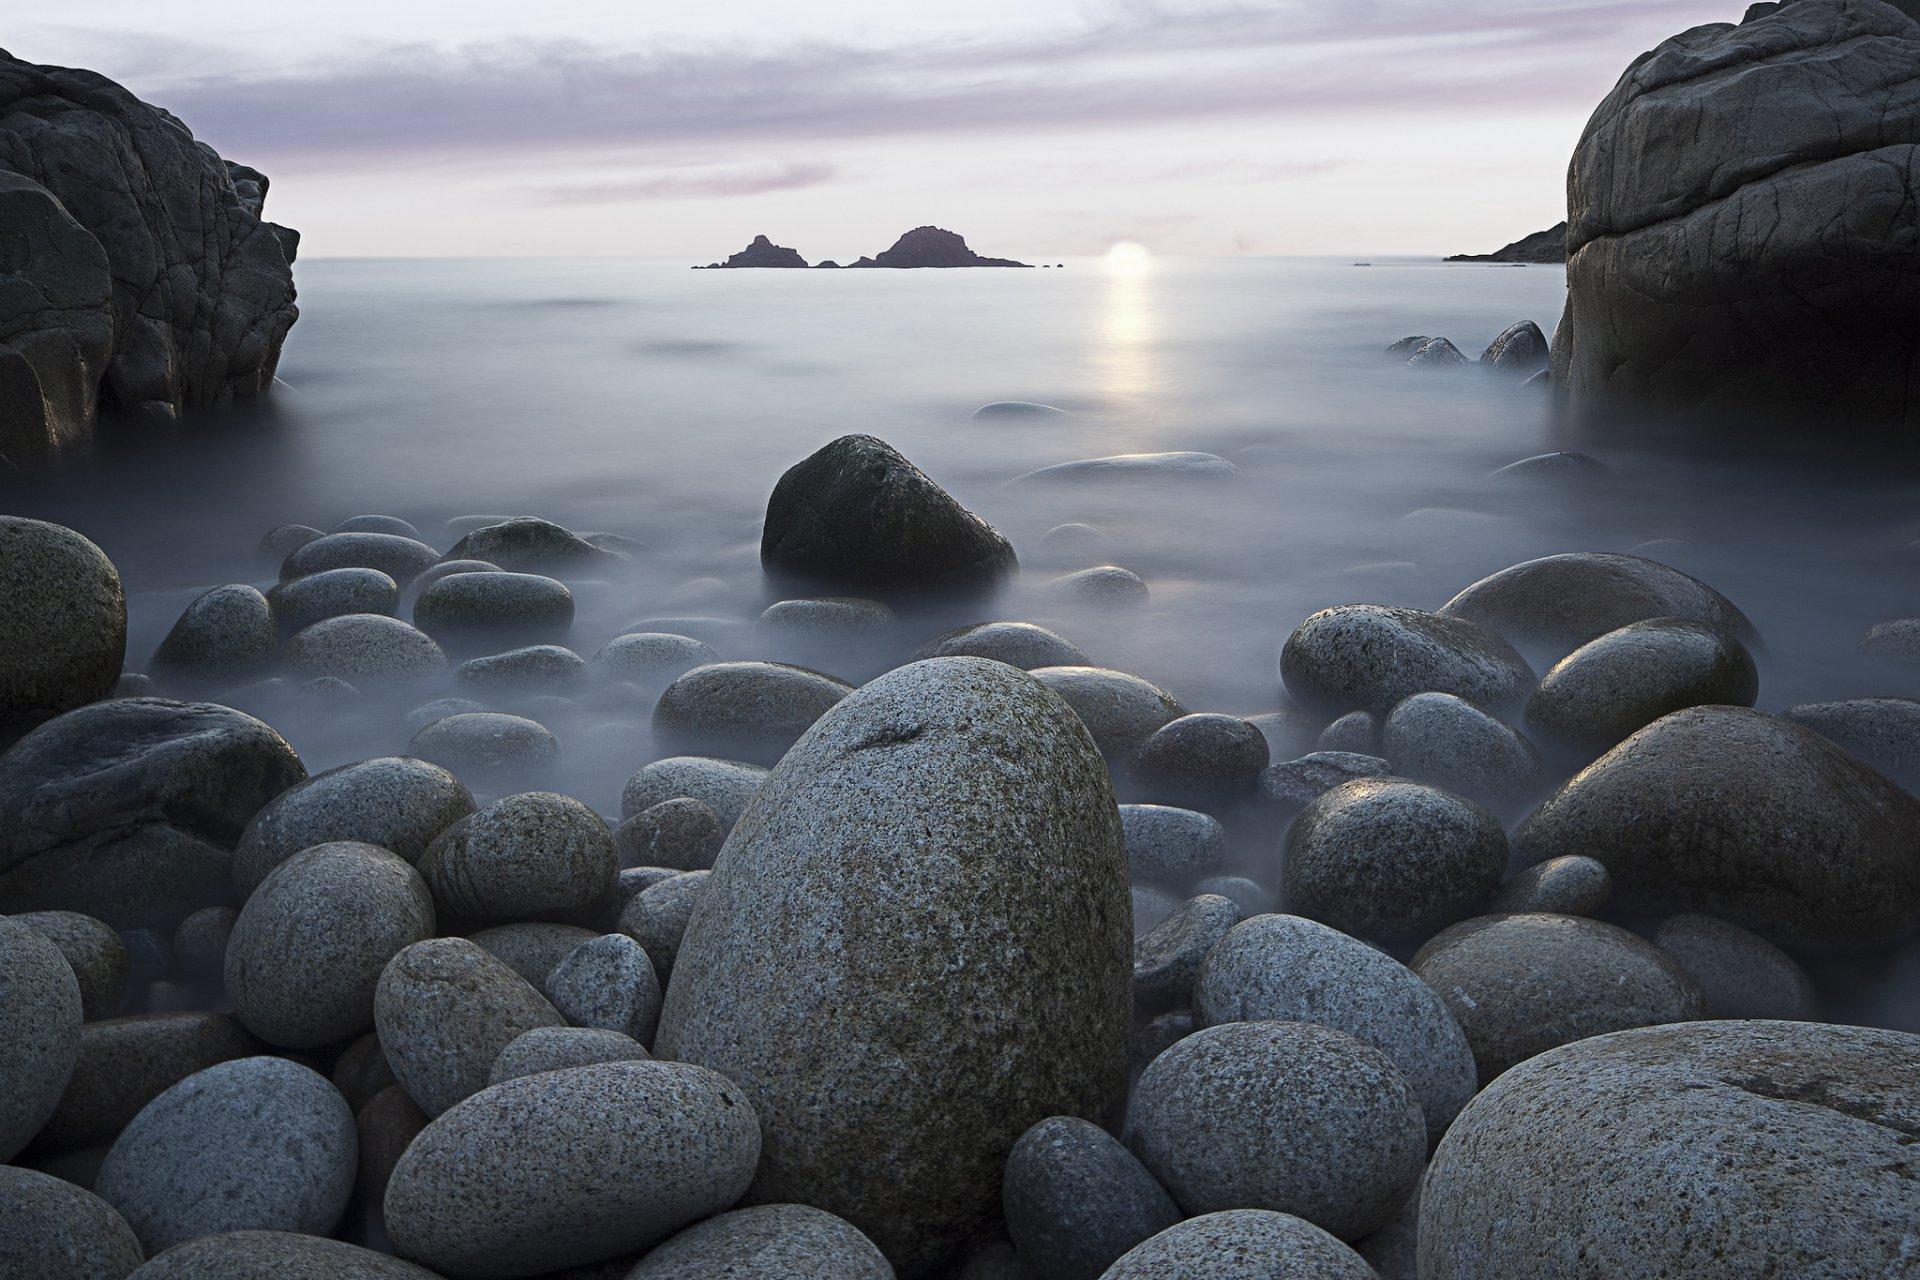 фото белых камней у воды техника предполагает